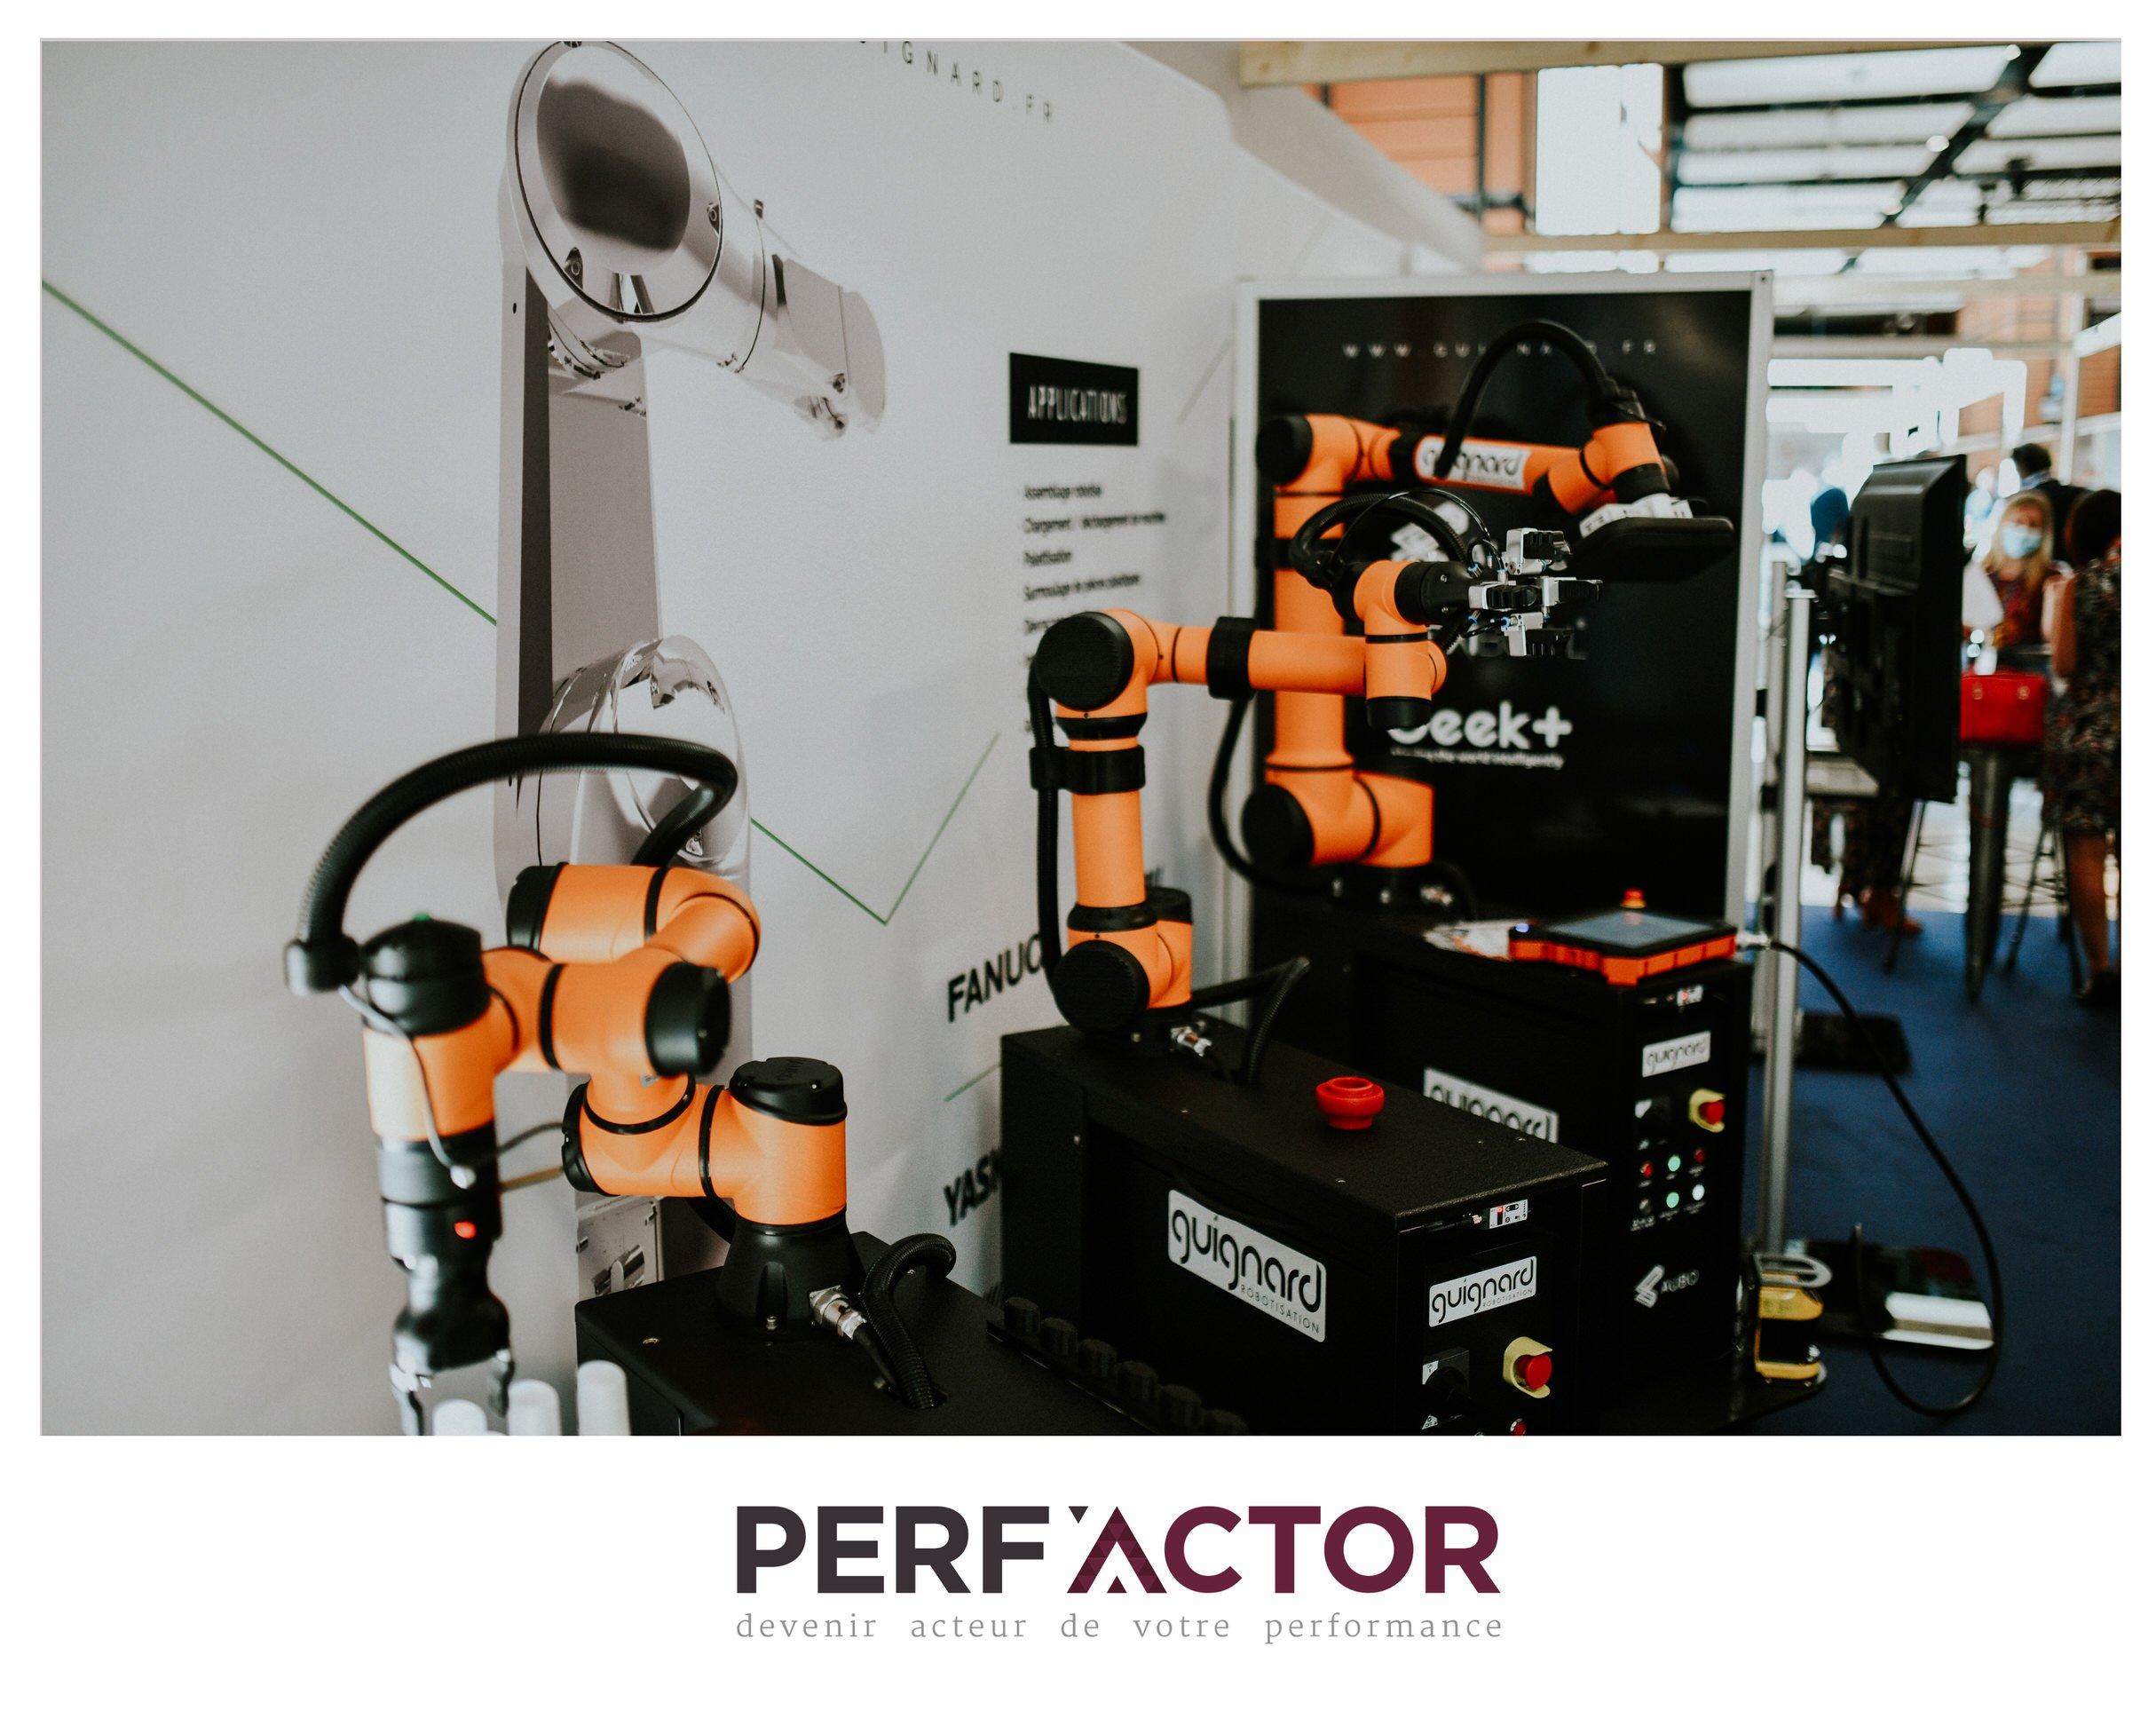 Il reste un écart entre les technologies disponibles, où l'innovation digitale est prometteuse, et la réalité de leur application dans l'entreprise au salon SIDO2020.